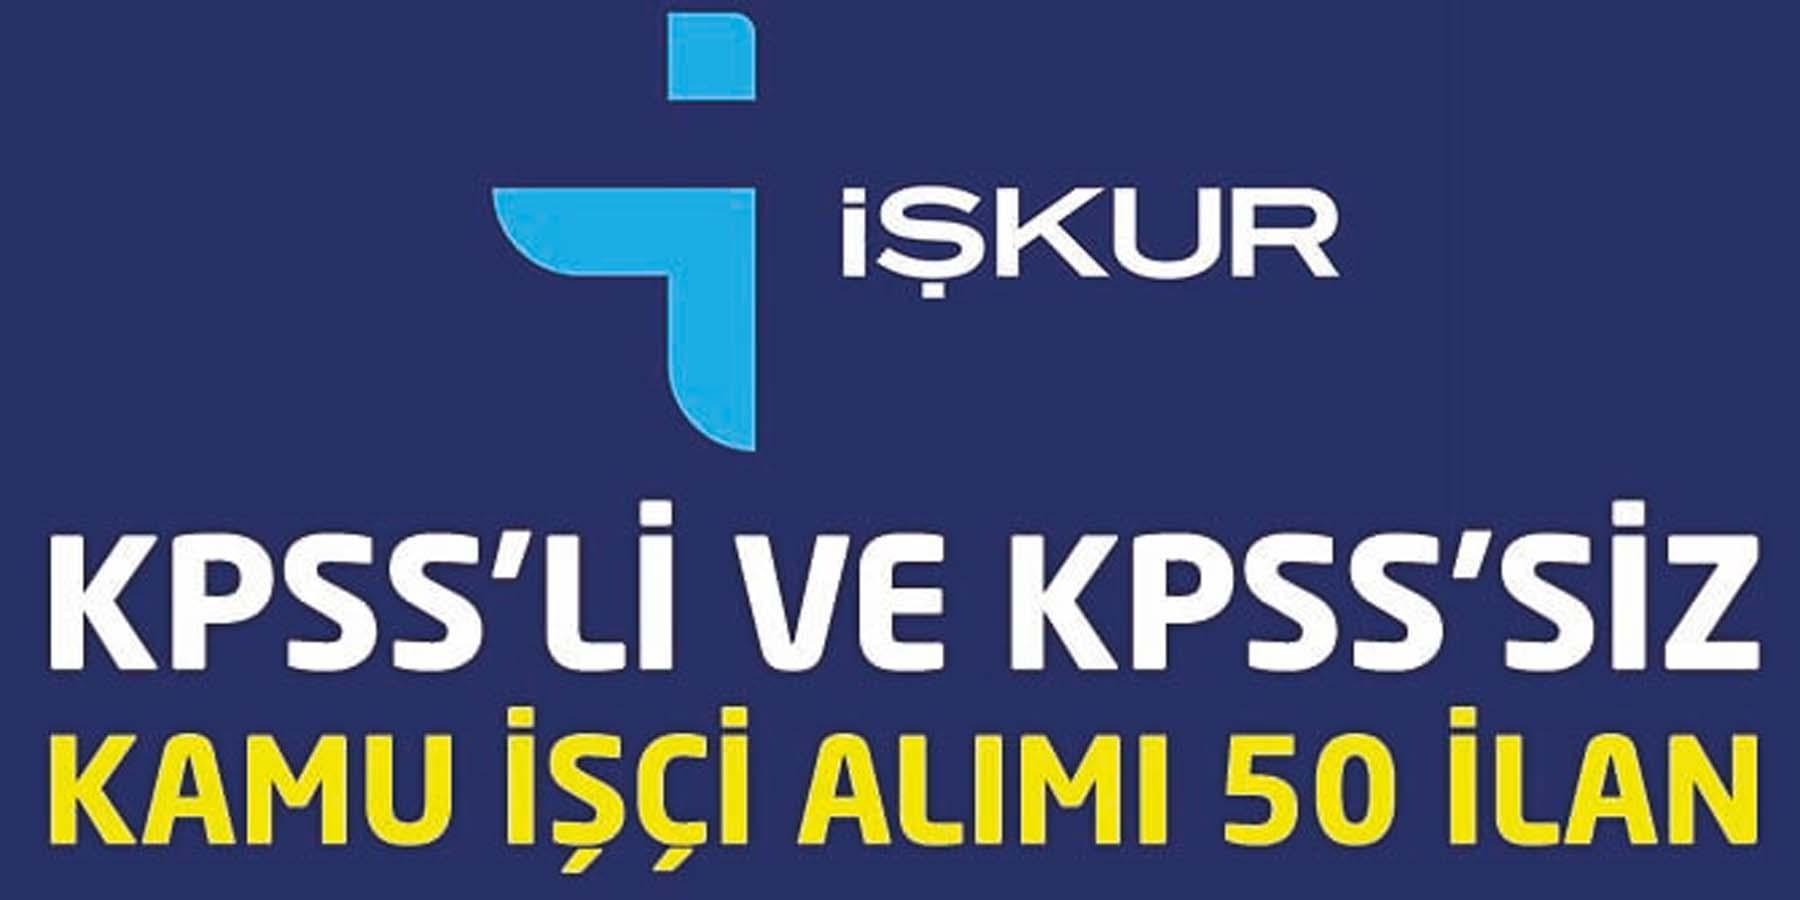 İŞKUR KPSS'li ve KPSS'siz Kamu İşçi Alımı için 50 İlan Yayınlandı